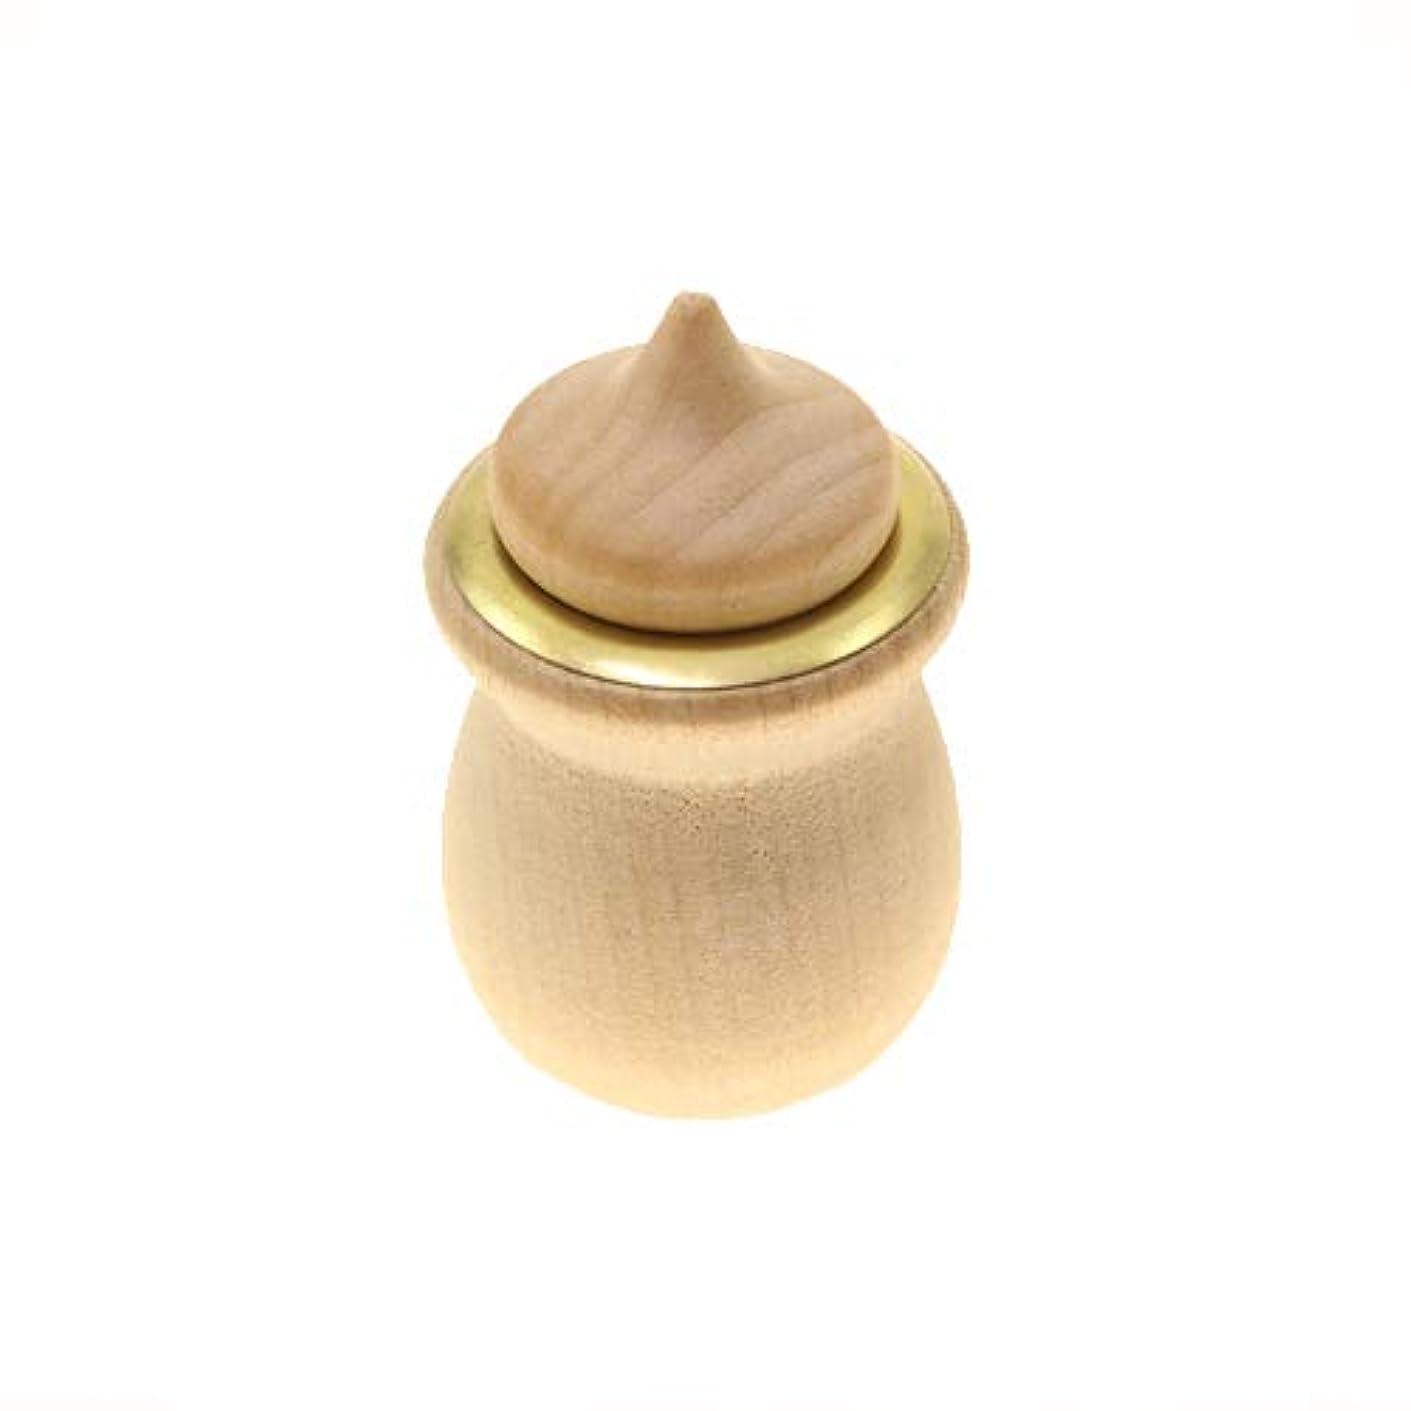 規制するジョージエリオット実験木製ディフューザー ラッテダロマLATTE D'AROMA ゴールド